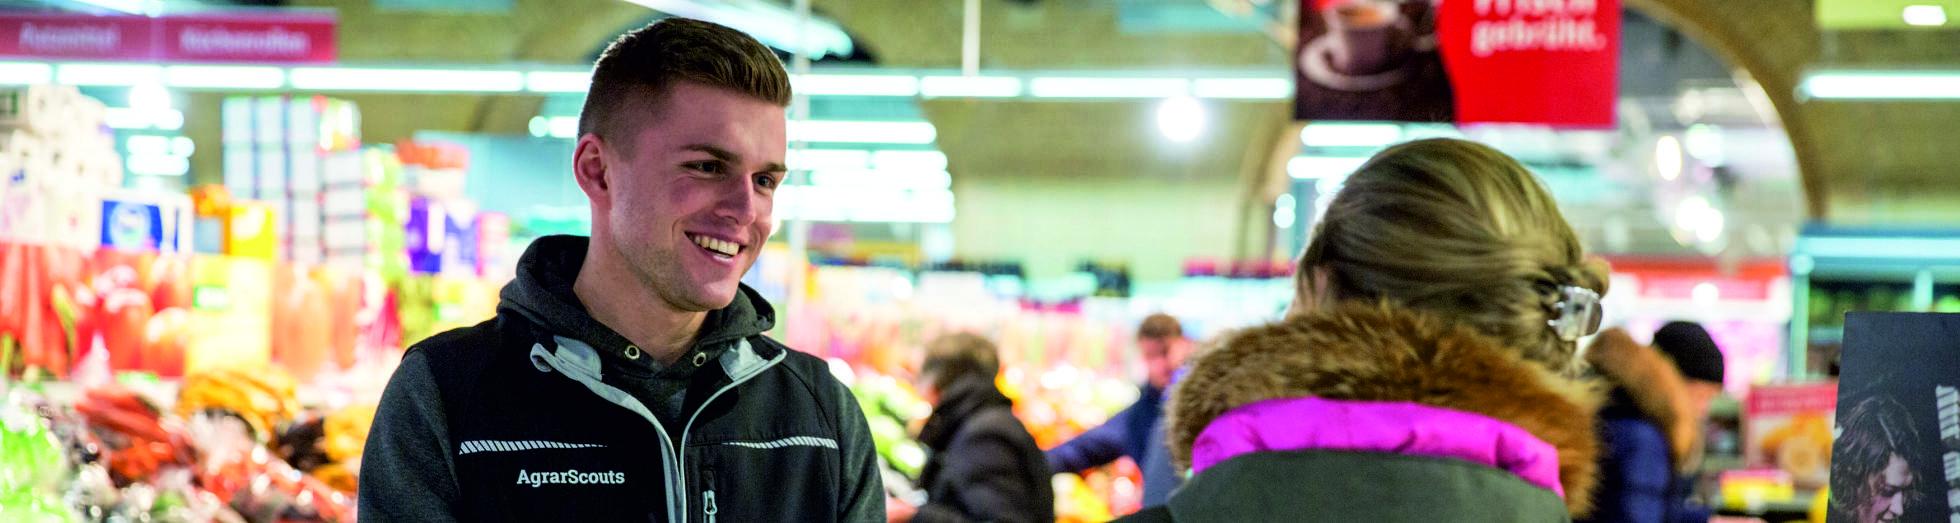 AgrarScout im Supermarkt